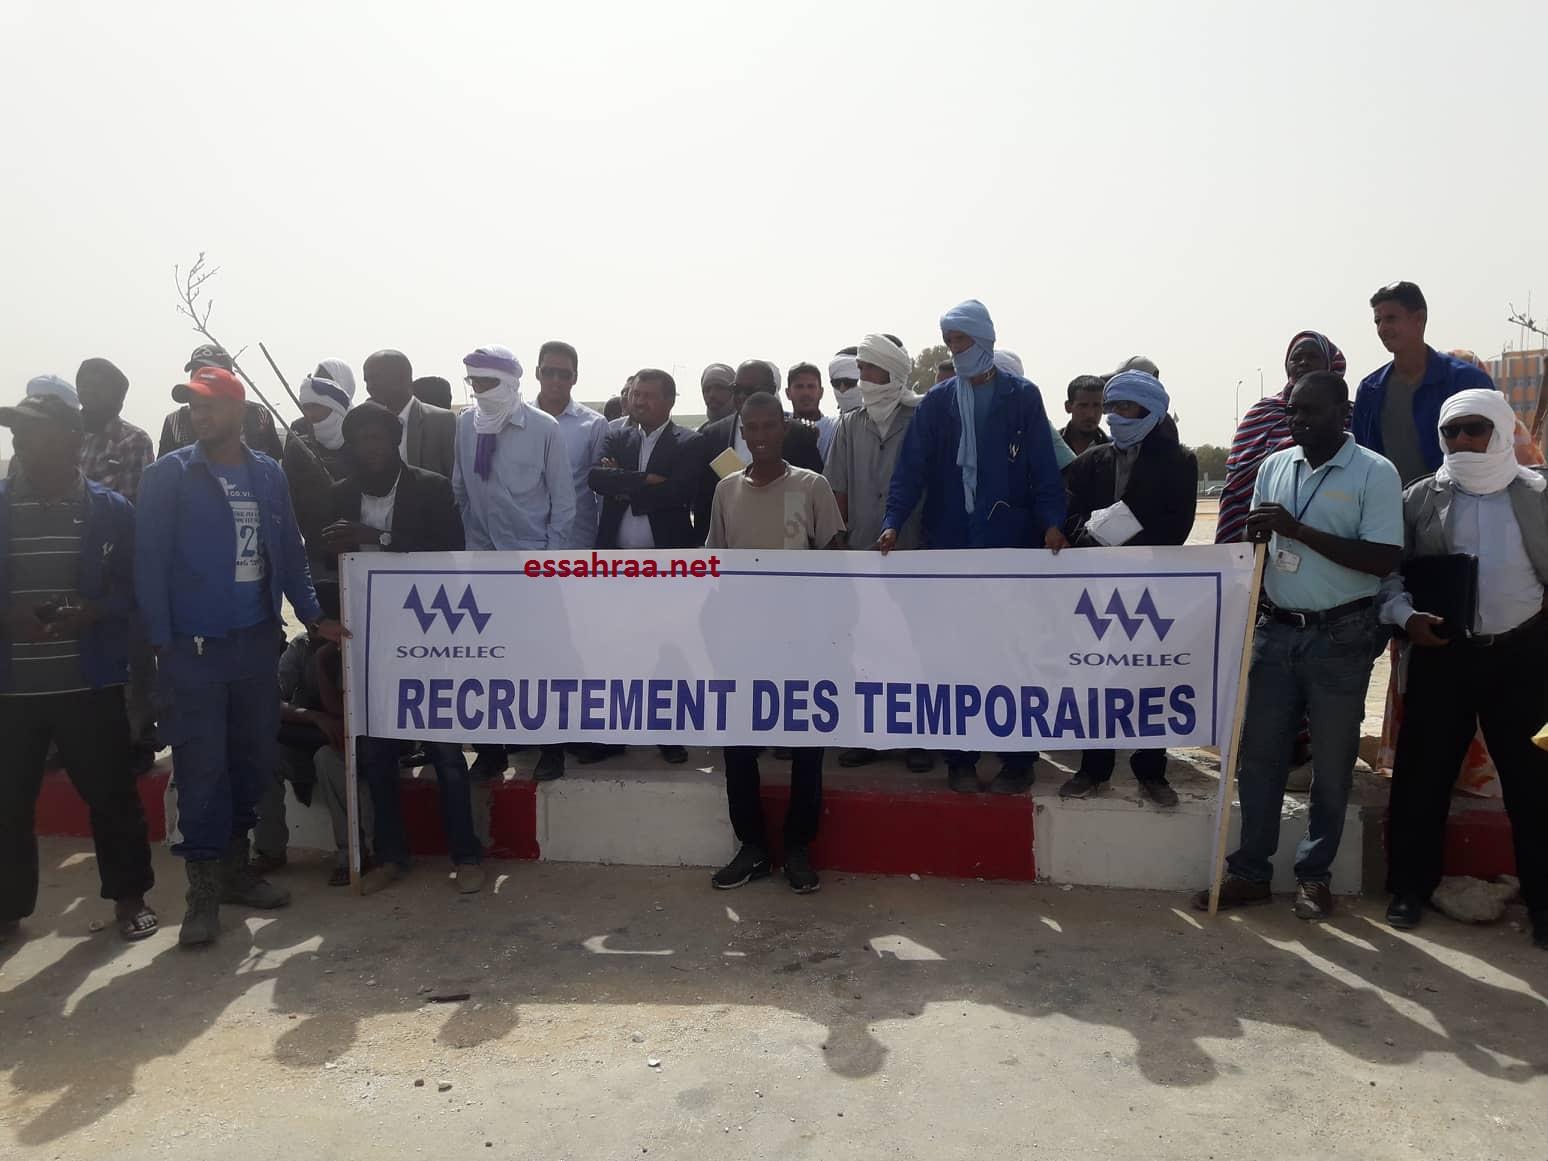 تظاهرة احتجاجية لعمال صوملك